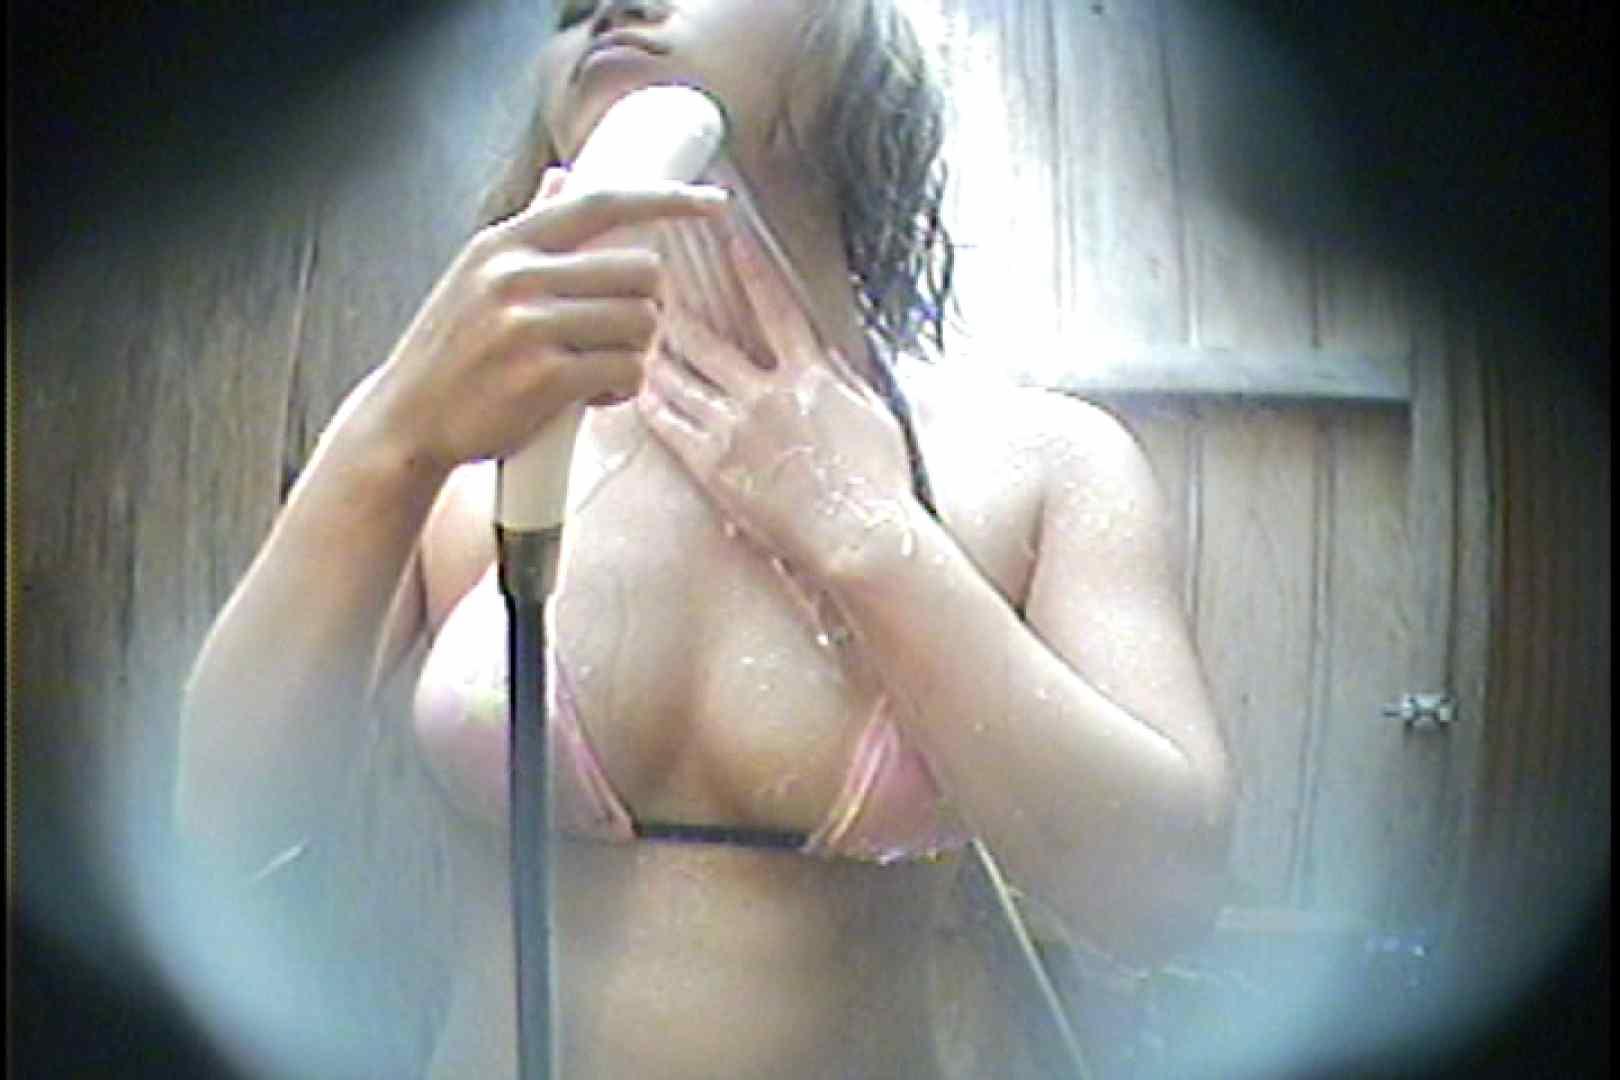 海の家の更衣室 Vol.30 シャワー すけべAV動画紹介 68連発 56